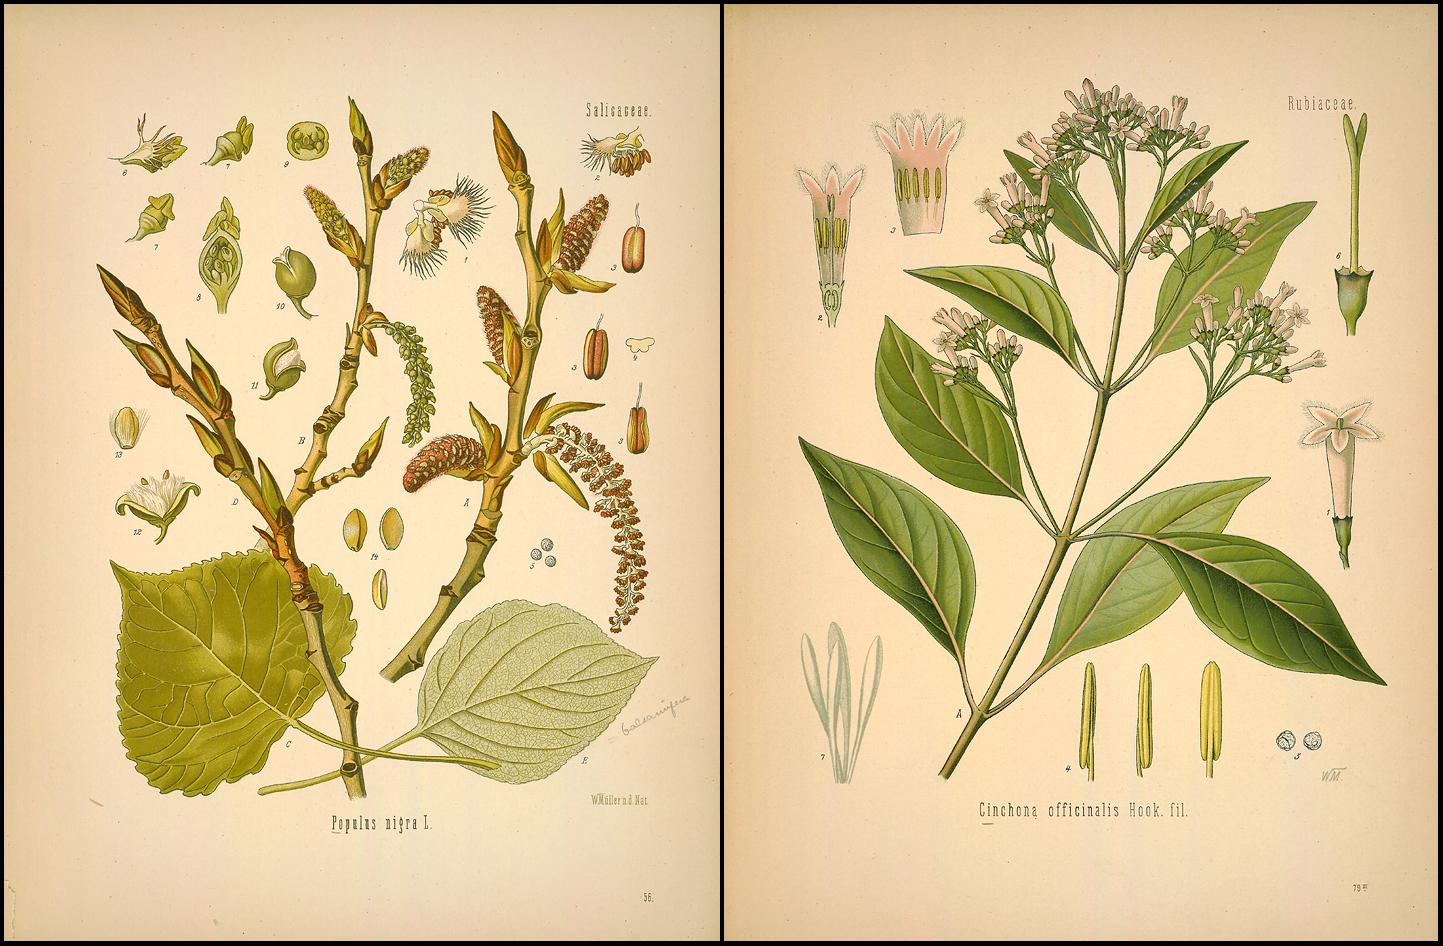 Ilustraciones en el «Medizinal Pflanzen» de la «Populus nigra» y la «Cinchona officinalis»